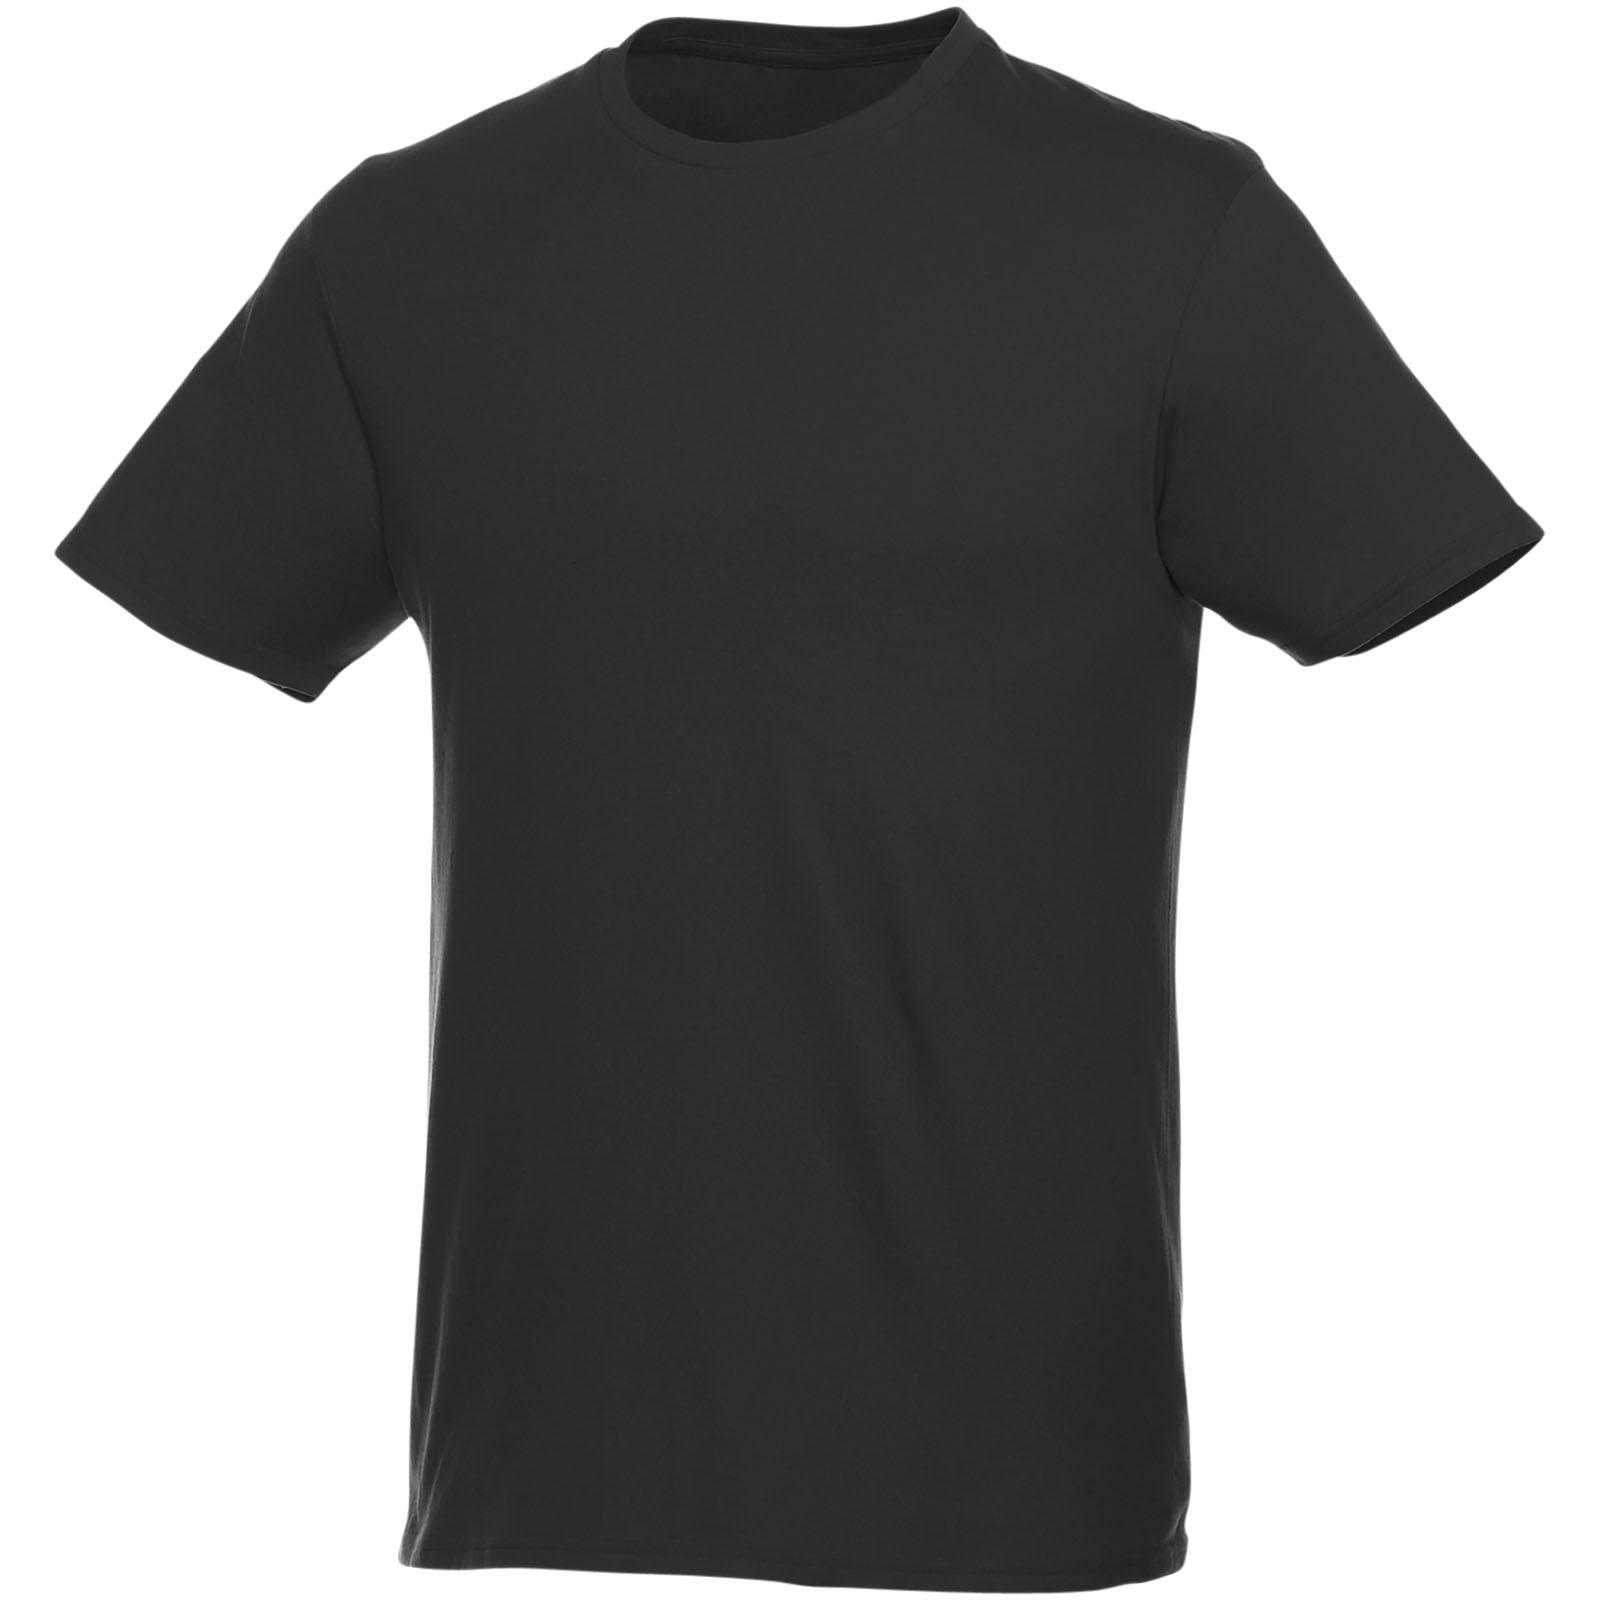 Pánské Triko Heros s krátkým rukávem - Černá / 3XL